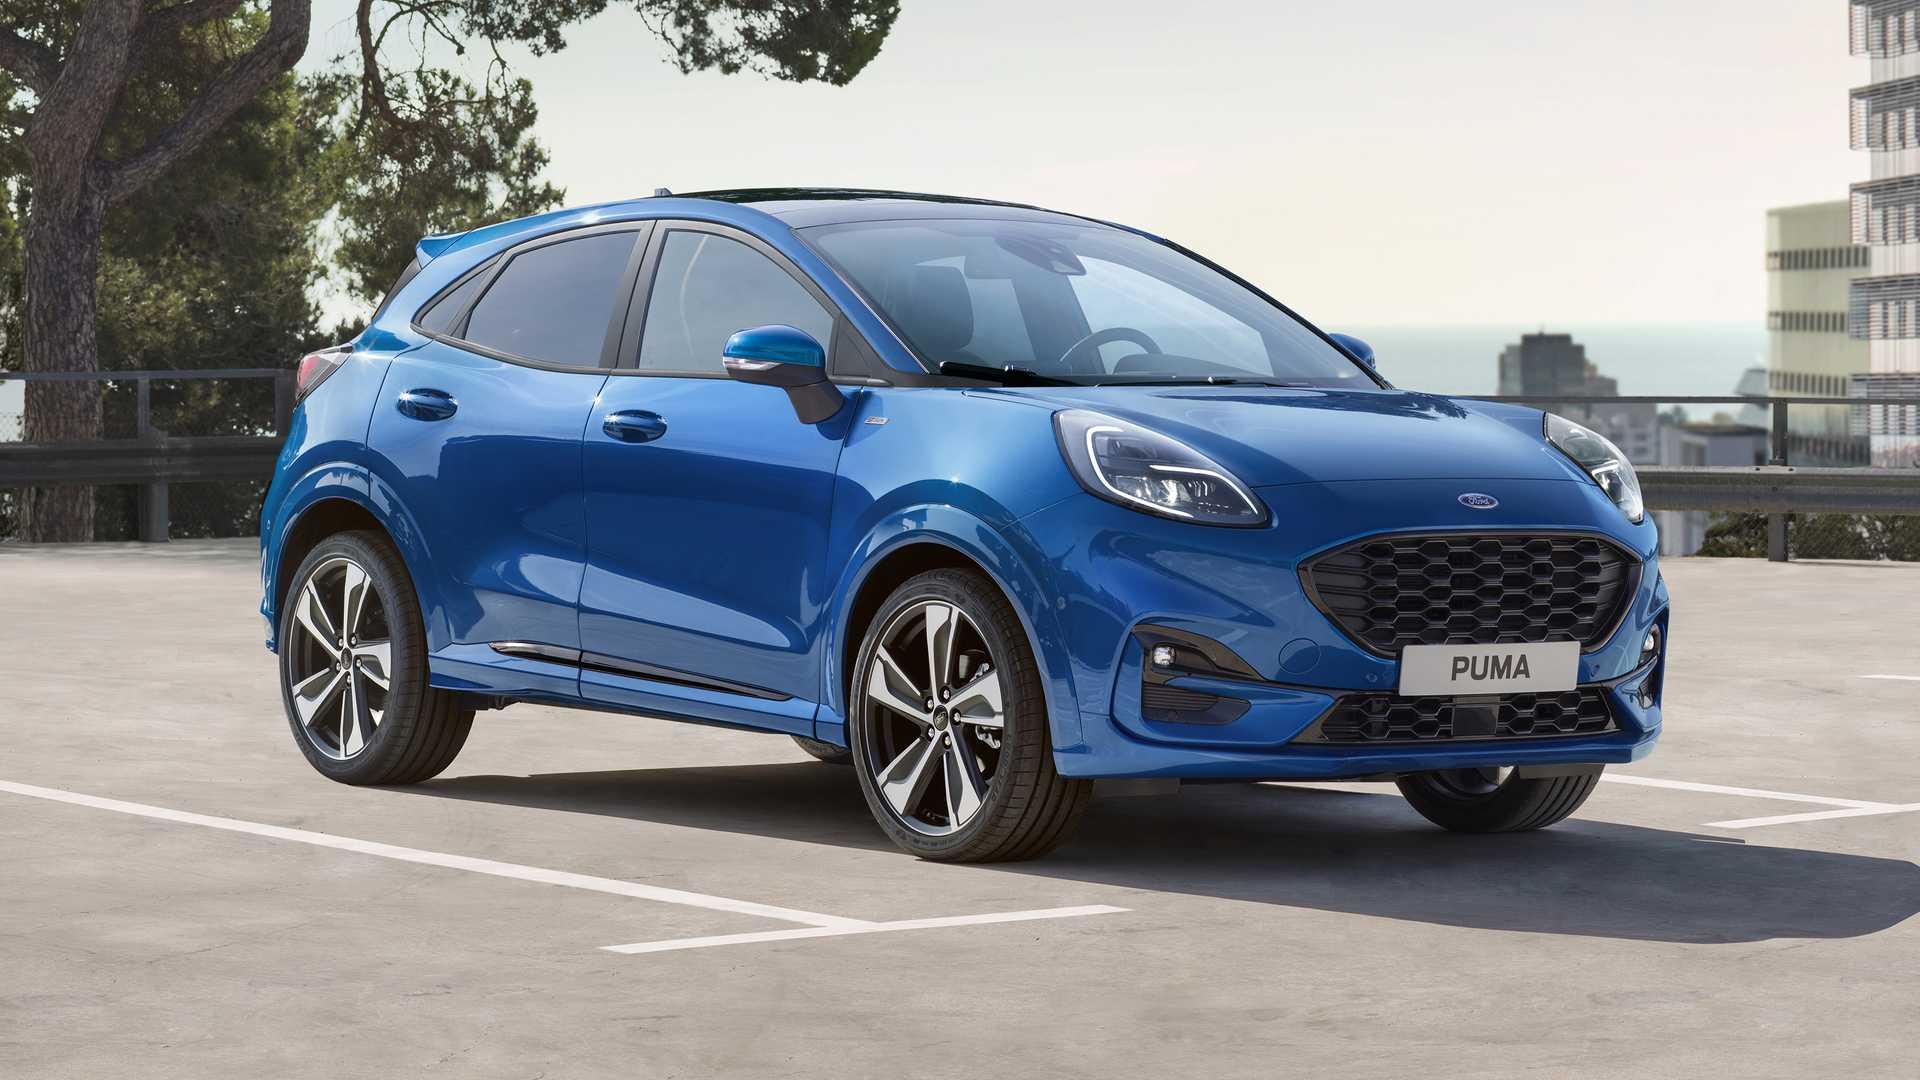 Suavemente precoz simpatía  Ford ya admite pedidos del nuevo Ford Puma en España | CENTIMETROS CUBICOS